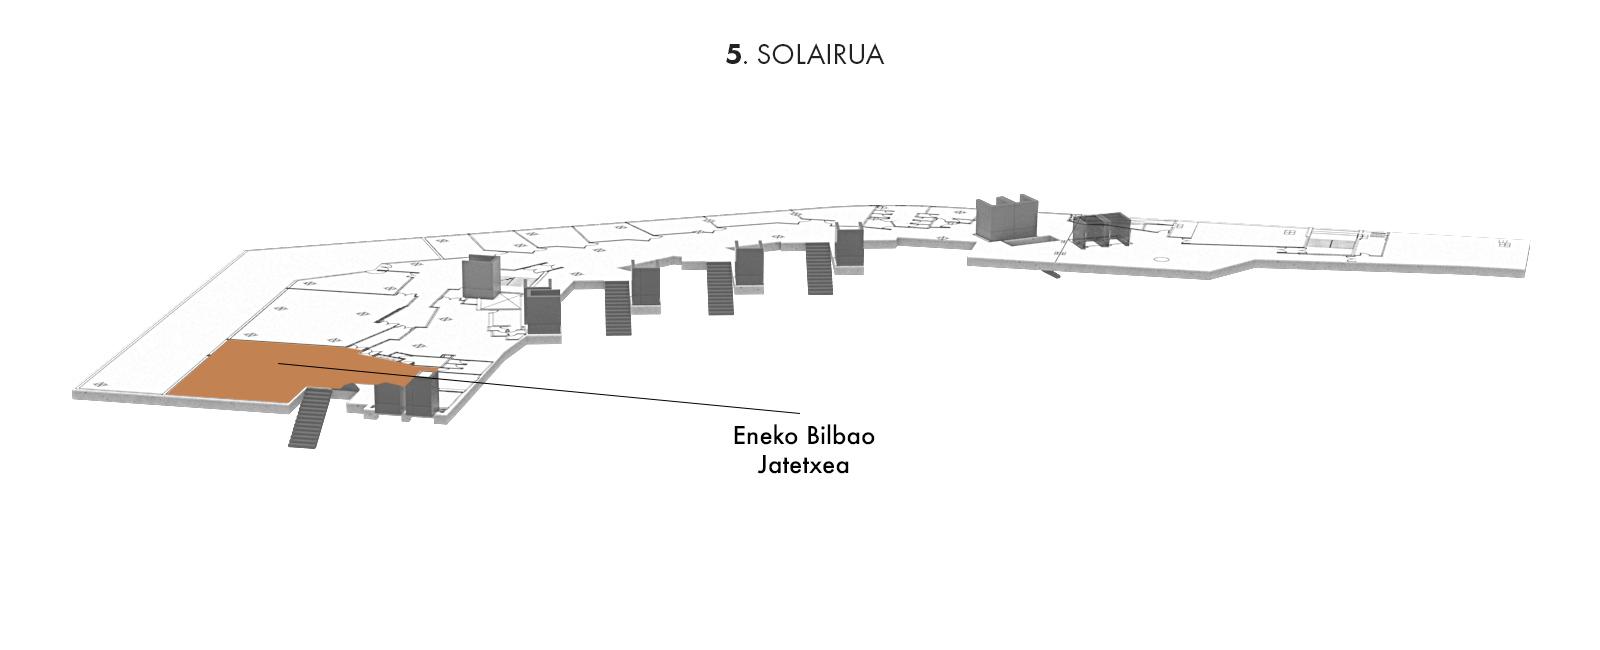 Eneko Bilbao Jatetxea, 5. solairua   Palacio Euskalduna Jauregia